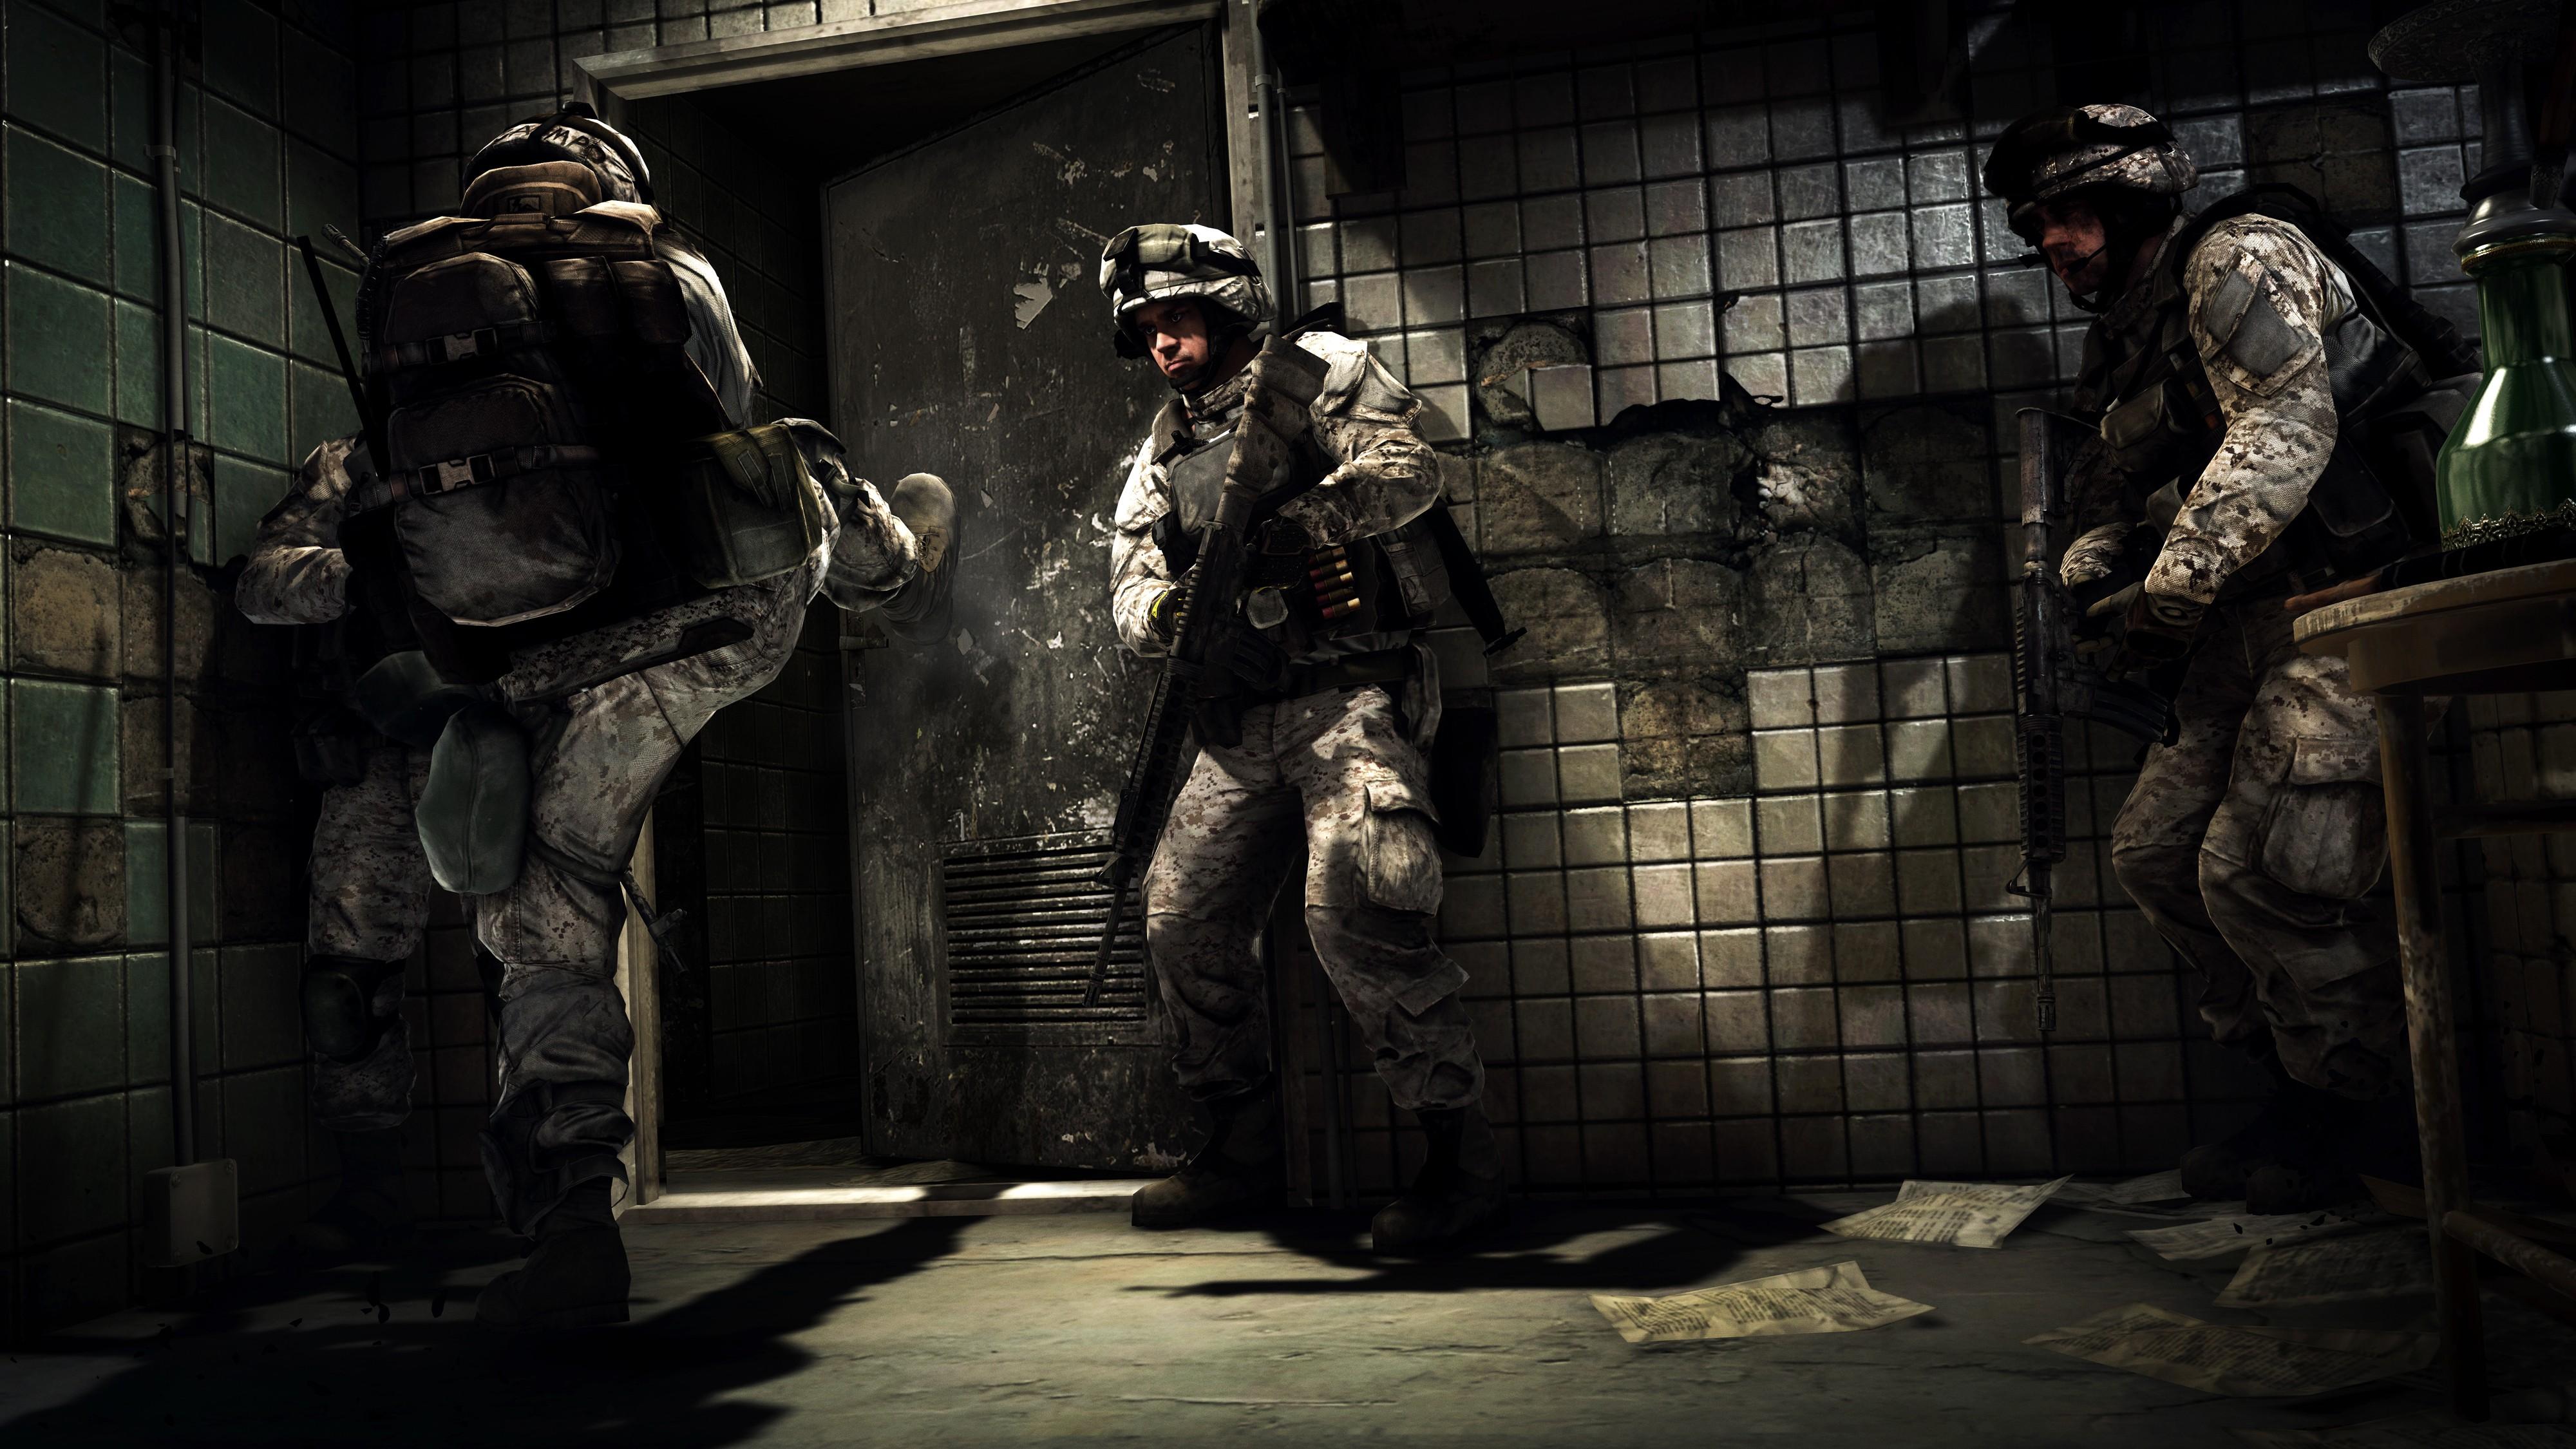 Wallpaper Battlefield 3, game, shooter, soldier, assault